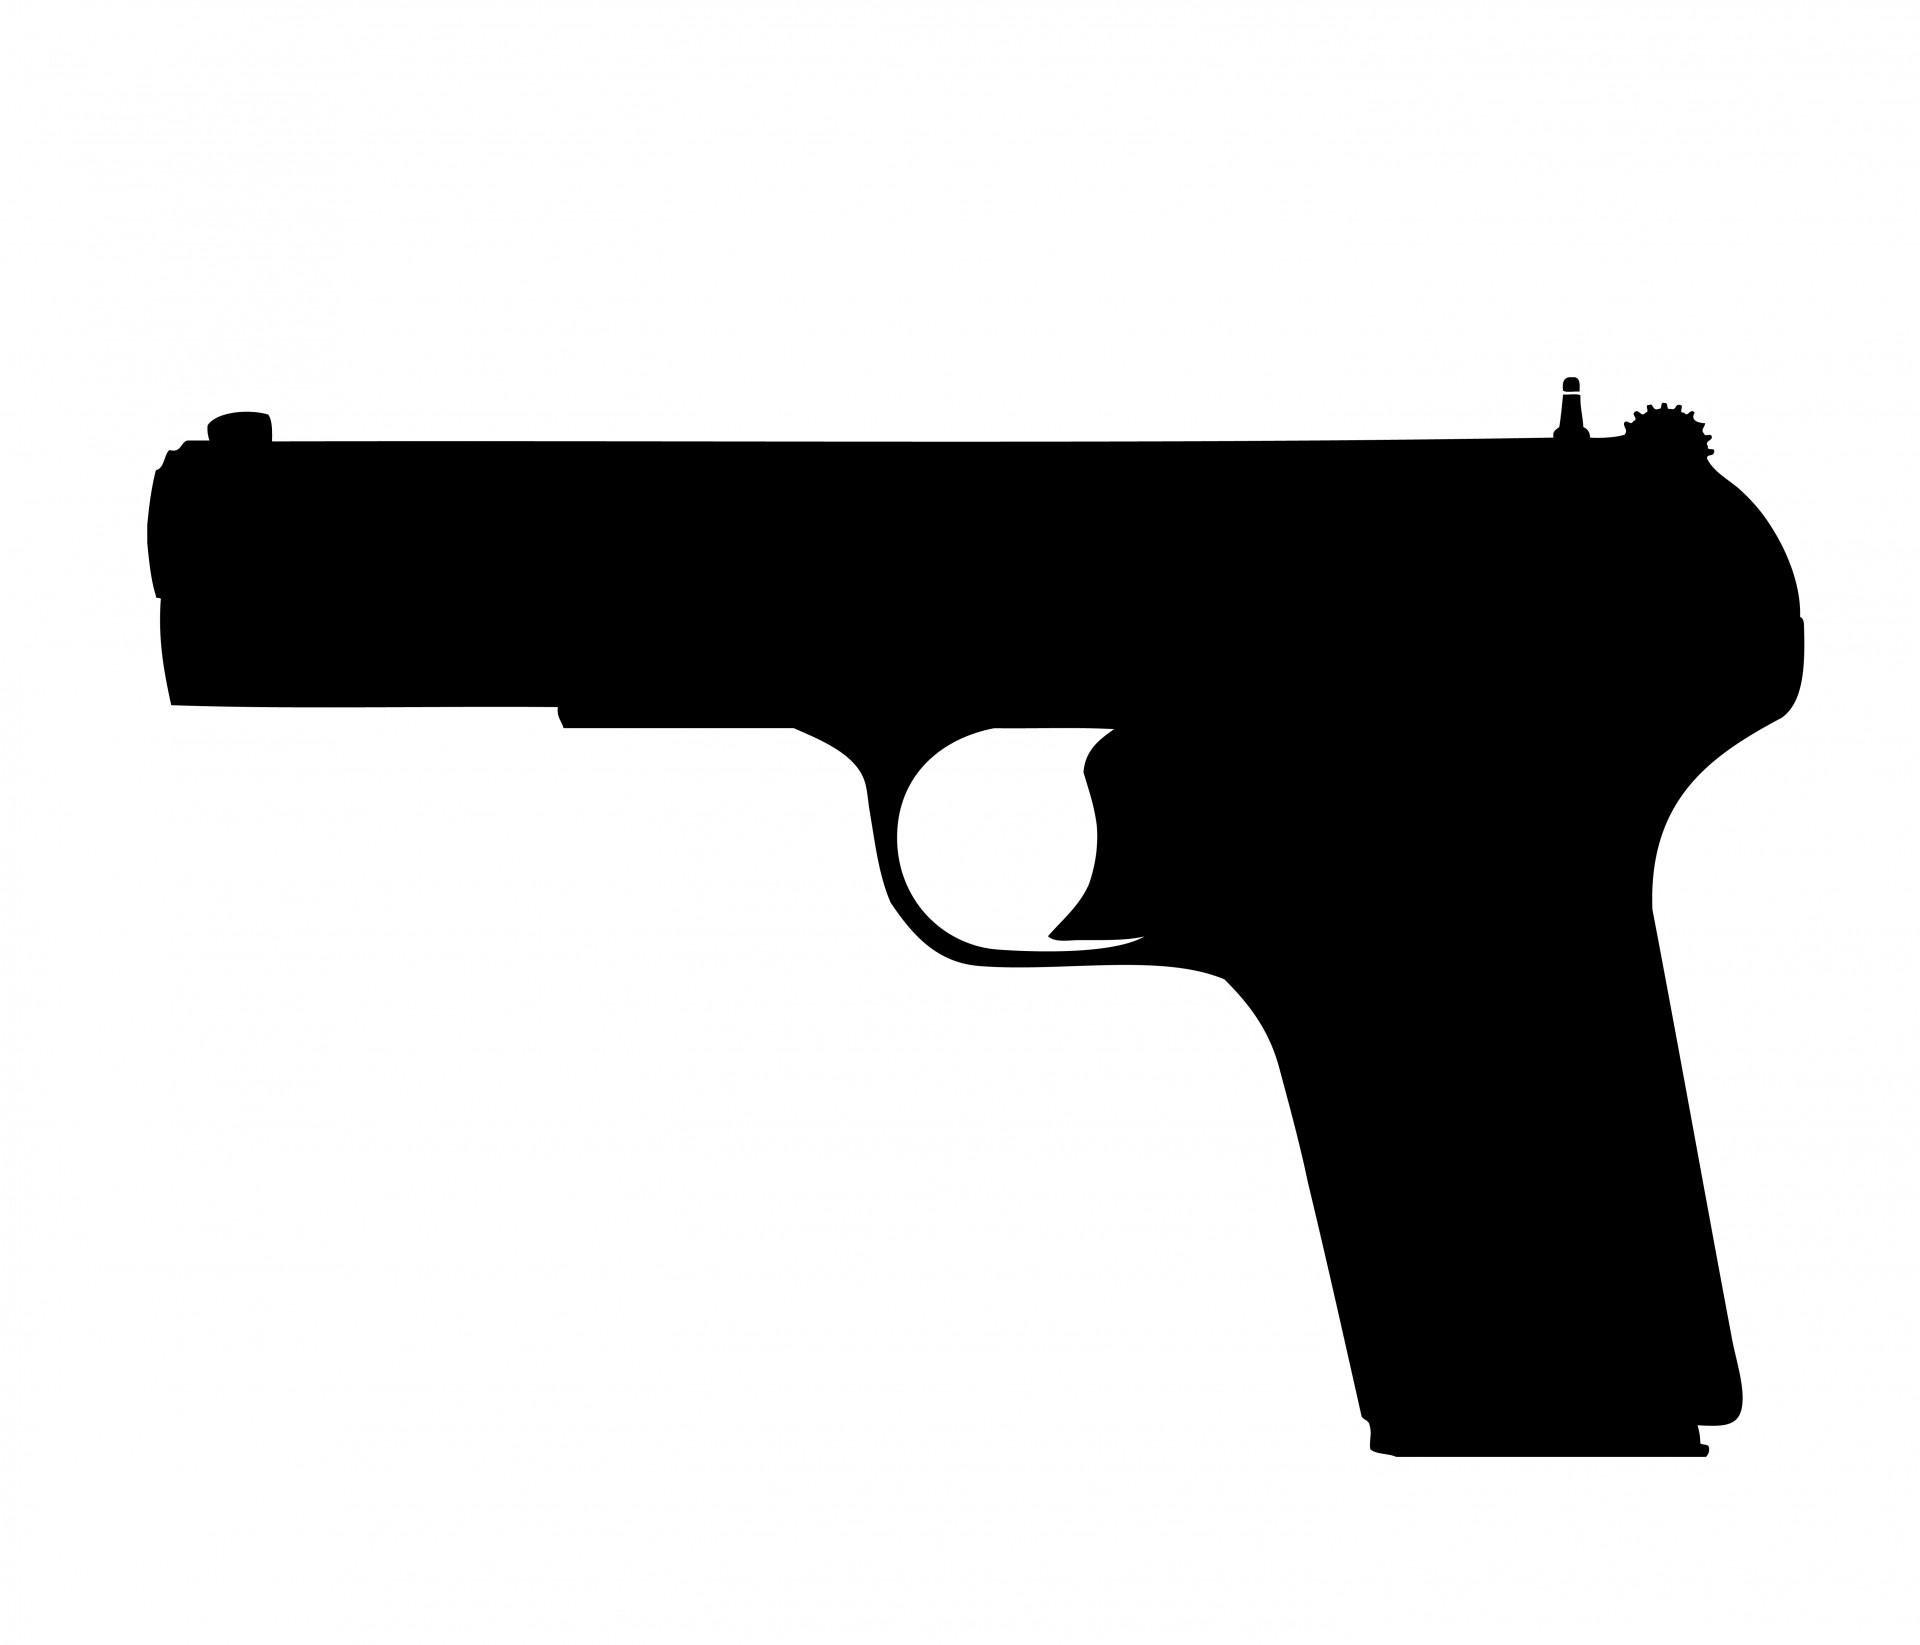 Gun, Pistol Clipart Free Stock Photo-Gun, Pistol Clipart Free Stock Photo-6